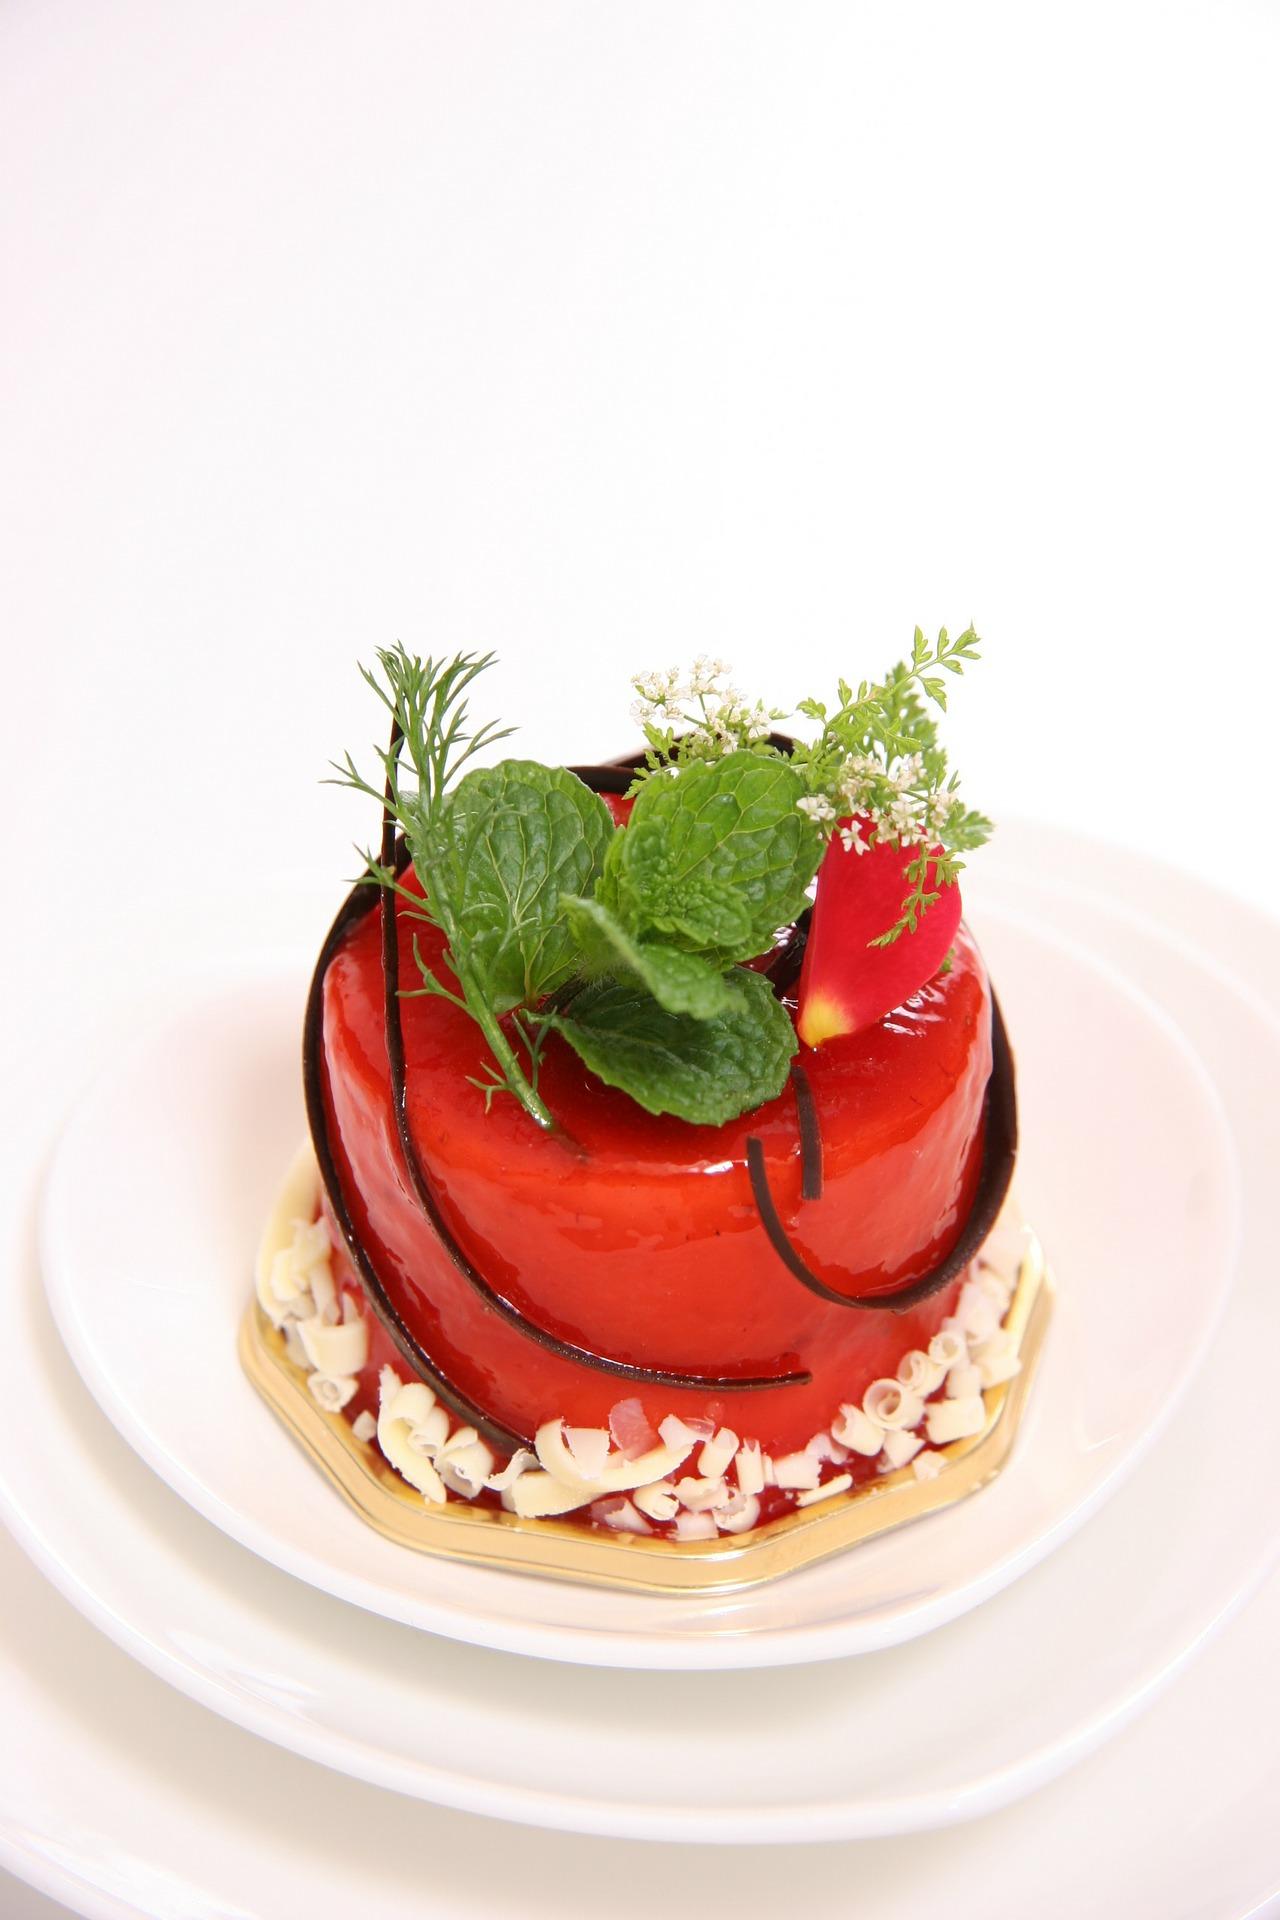 Как да приготвяме десерти, когато спазваме кето диета?